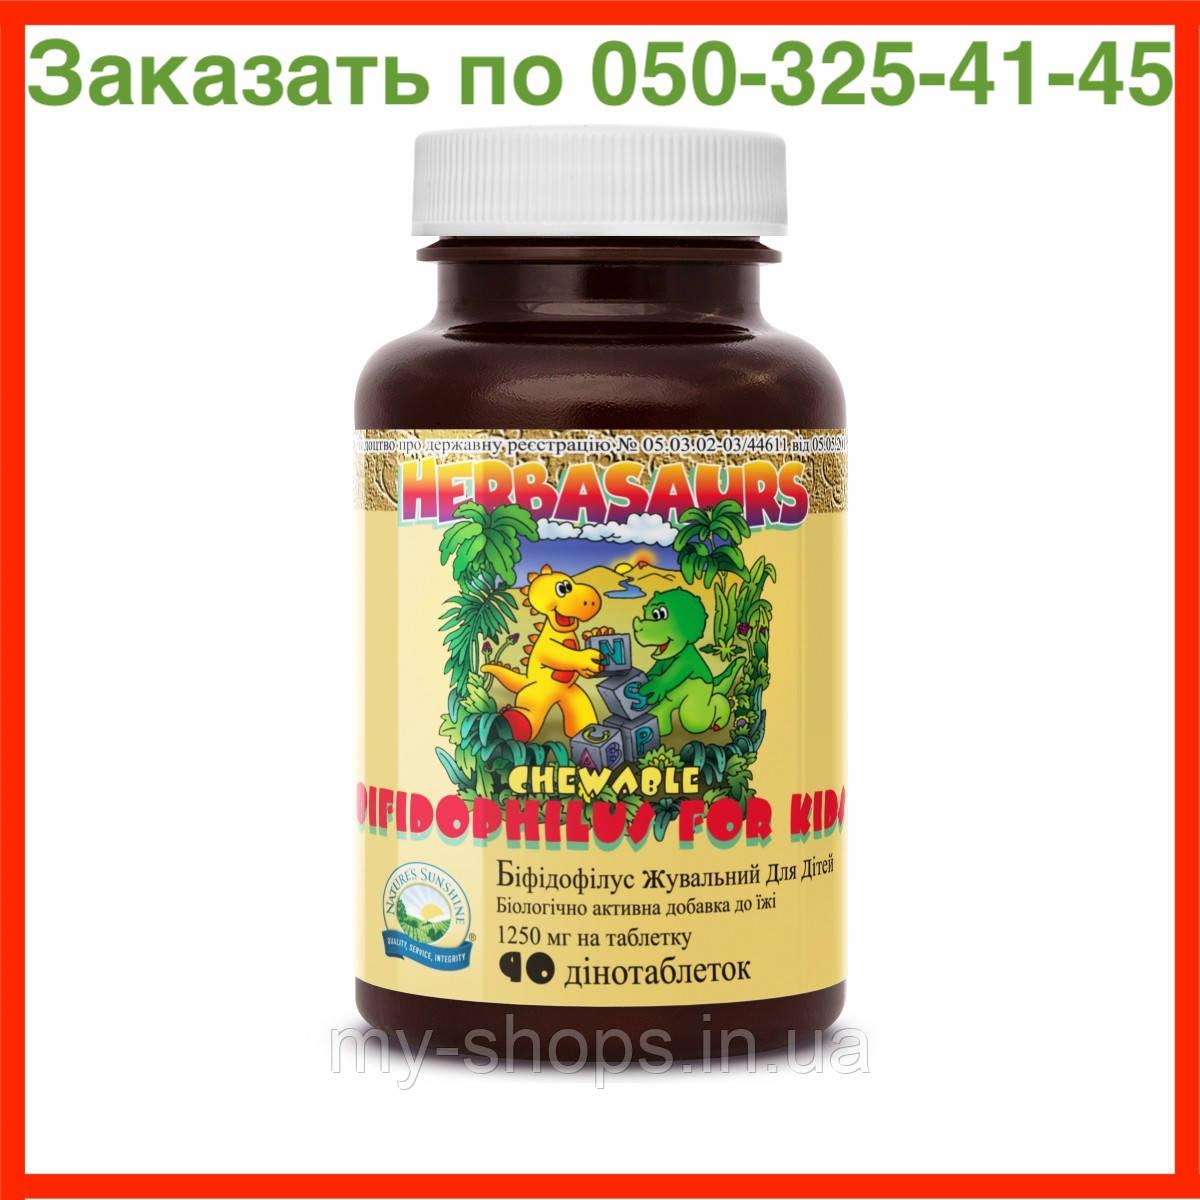 Бифидозаврики (бифидобактерии для детей) NSP.  Для укрепления иммунитета у детей